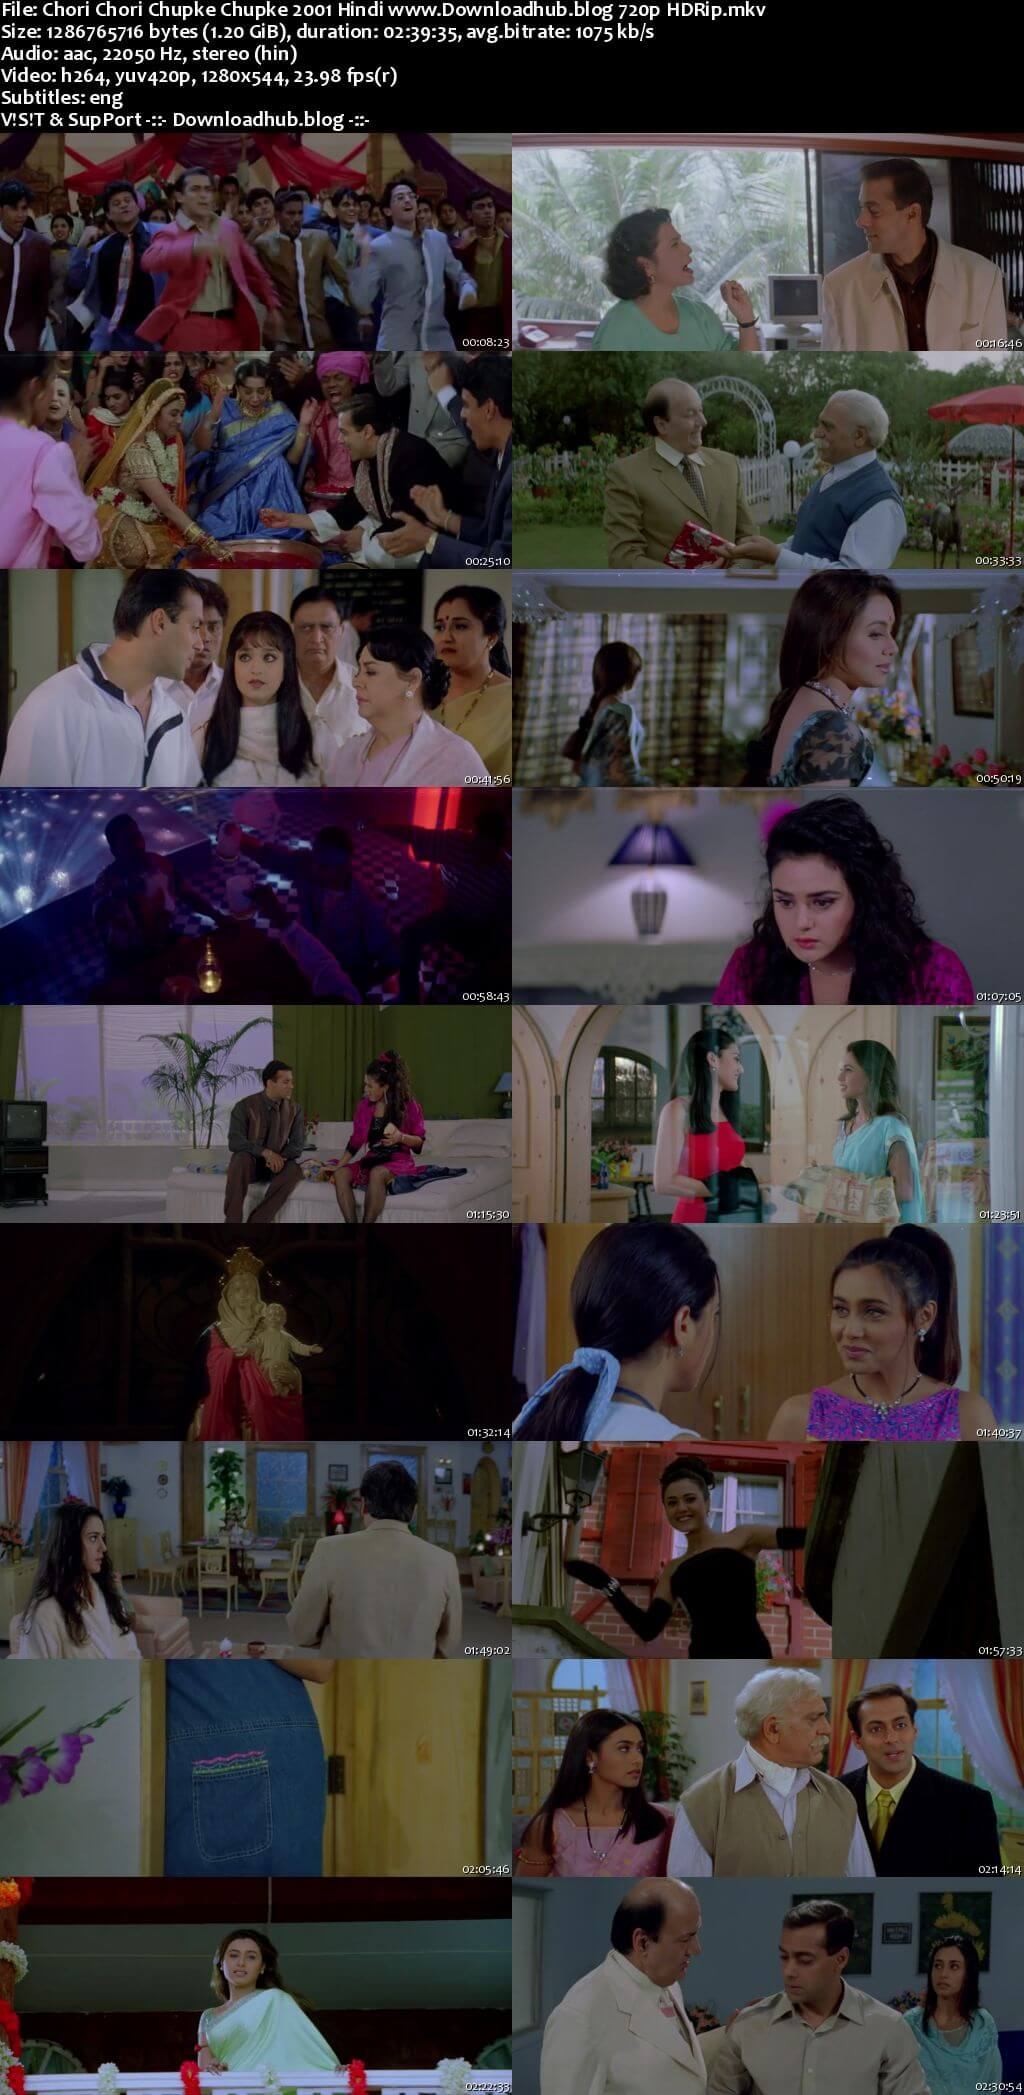 Chori Chori Chupke Chupke 2001 Hindi 720p HDRip ESubs